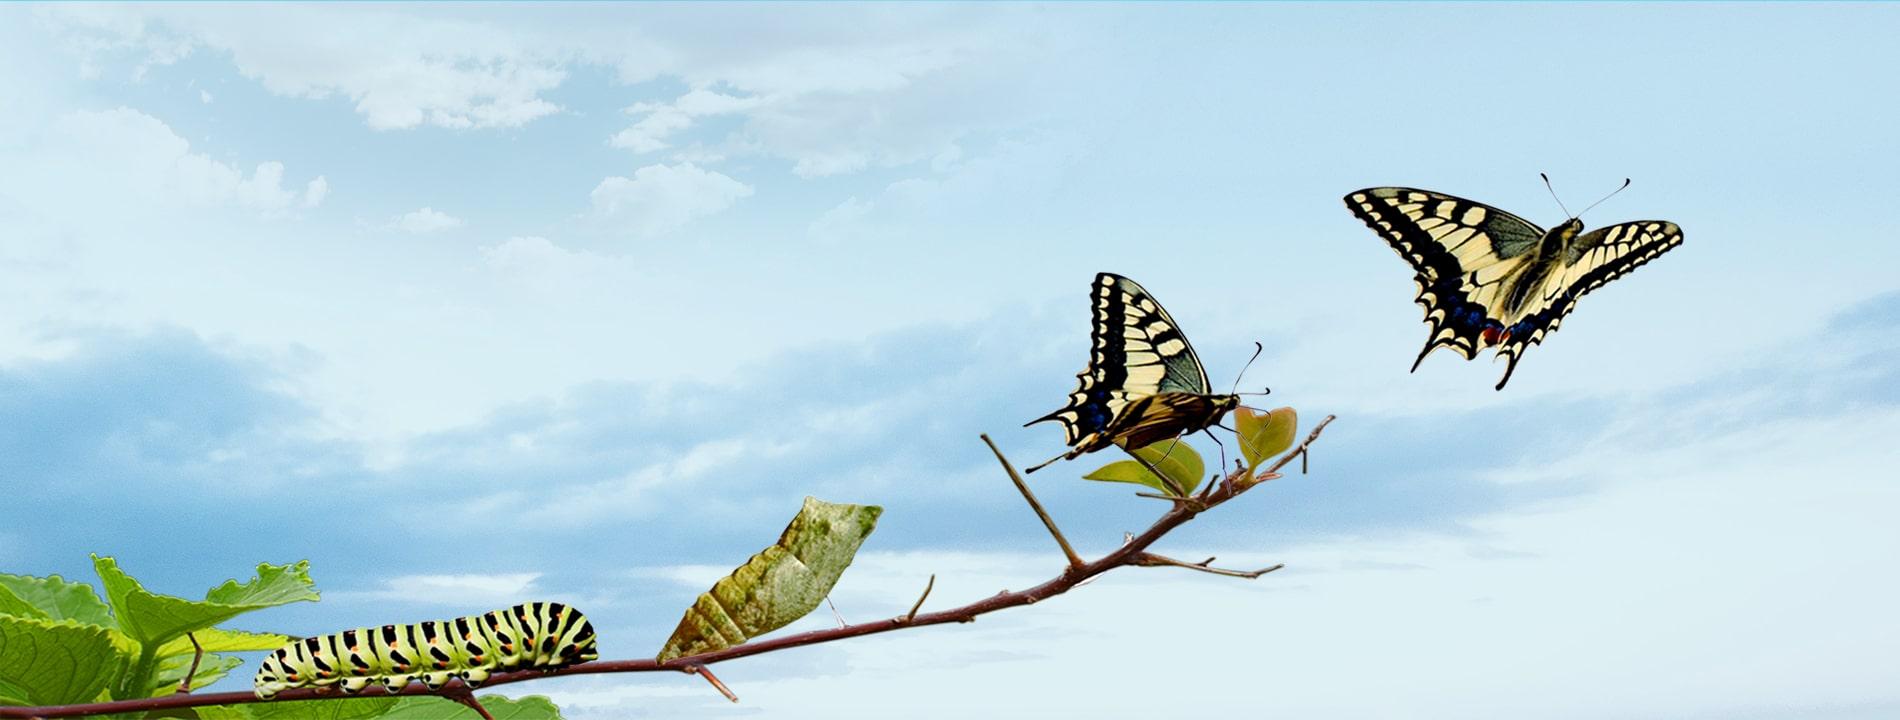 Partnering Organizational<br> Transformation